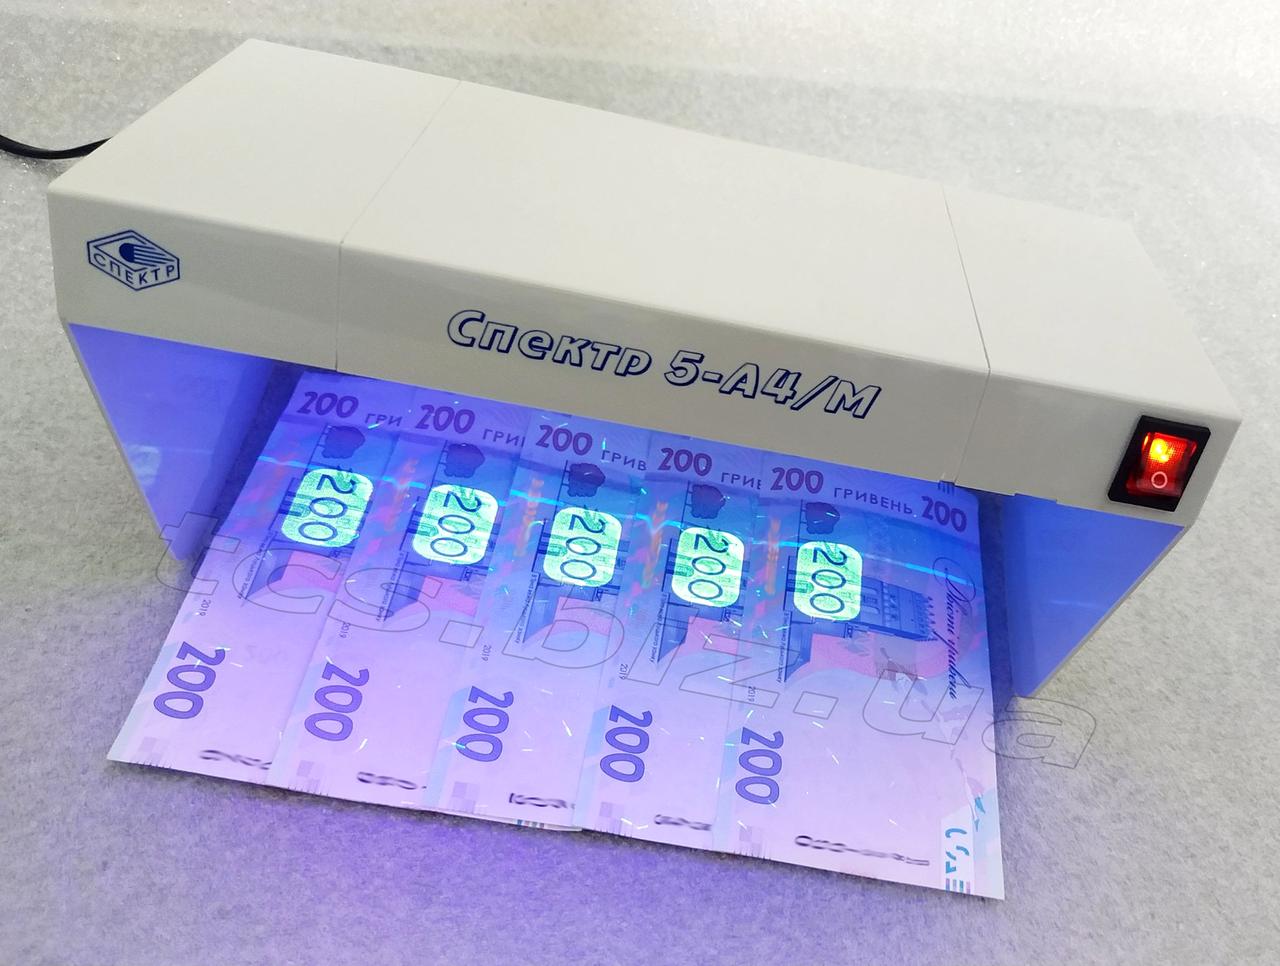 Спектр 5-A4/M (Электронная версия) Детектор валют